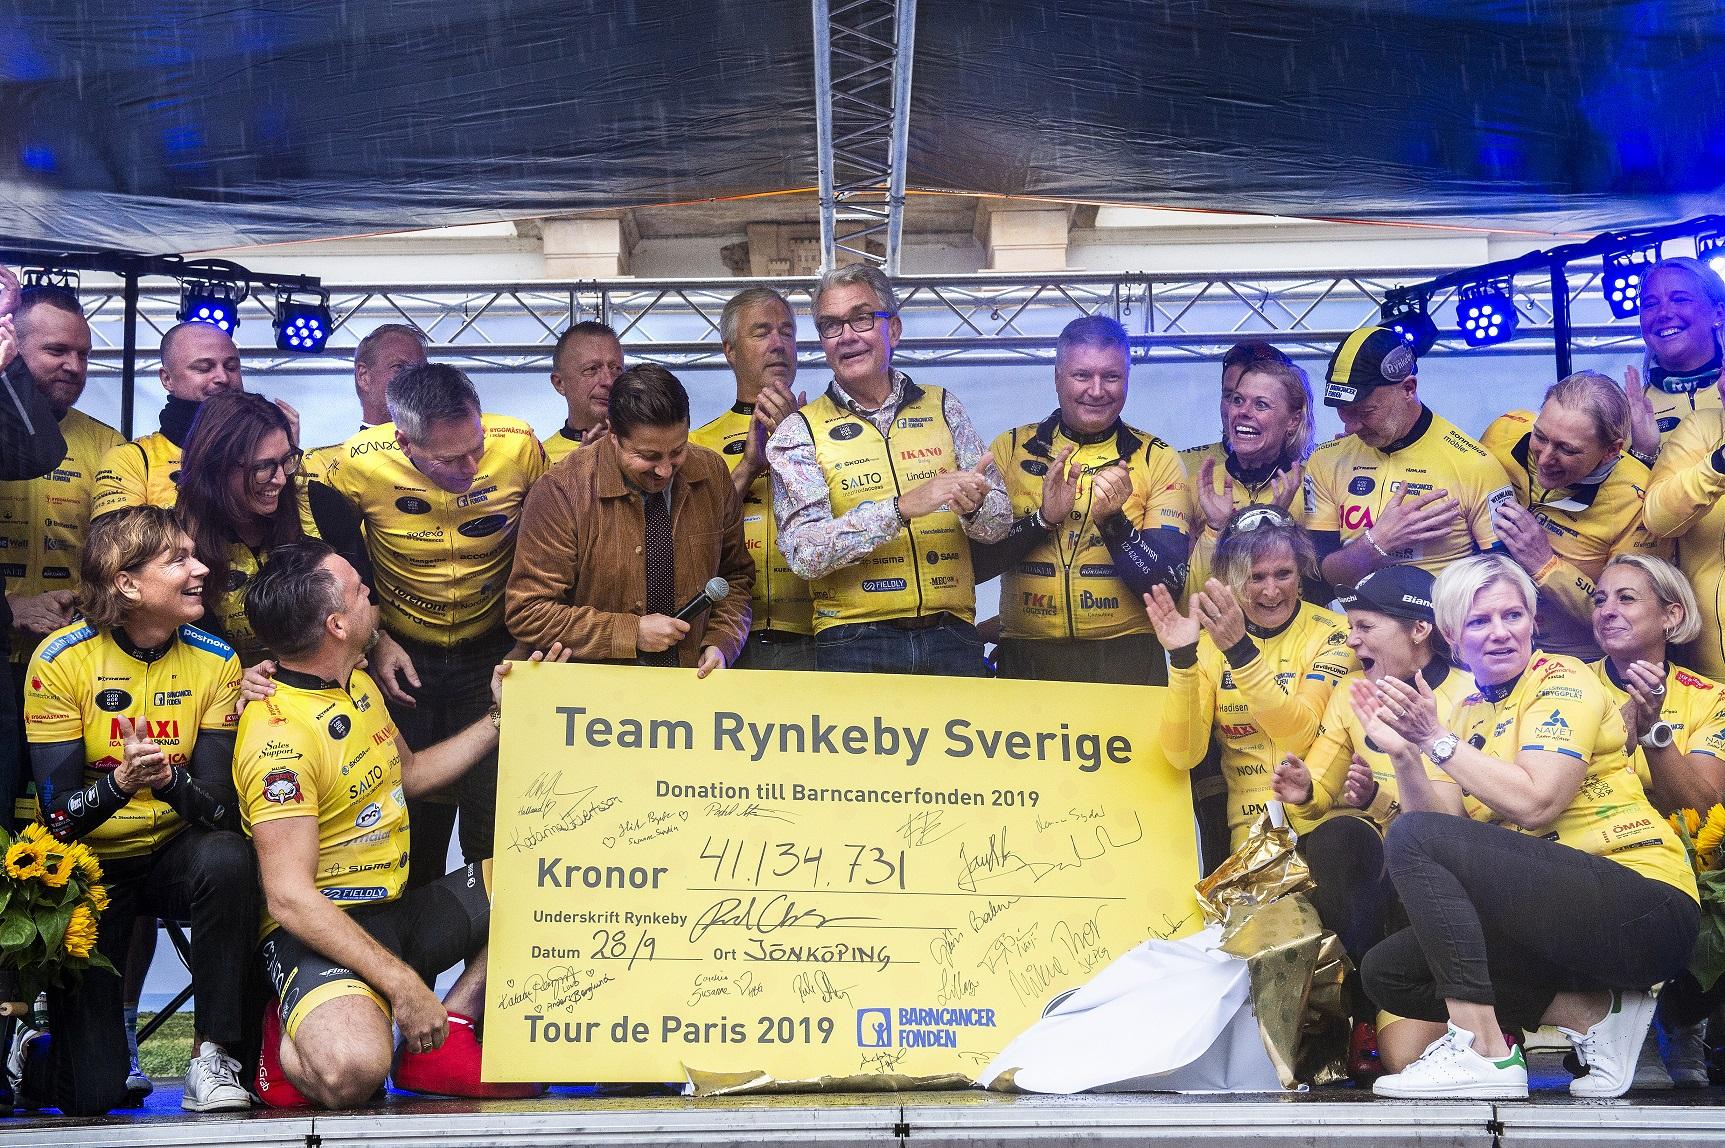 I helgen fick Barncancerfondens generalsekreterare Thorbjörn Larsson (mitten)  ta emot rekordchecken från Team Rynkeby - God morgon. Foto: Anna Hållams.